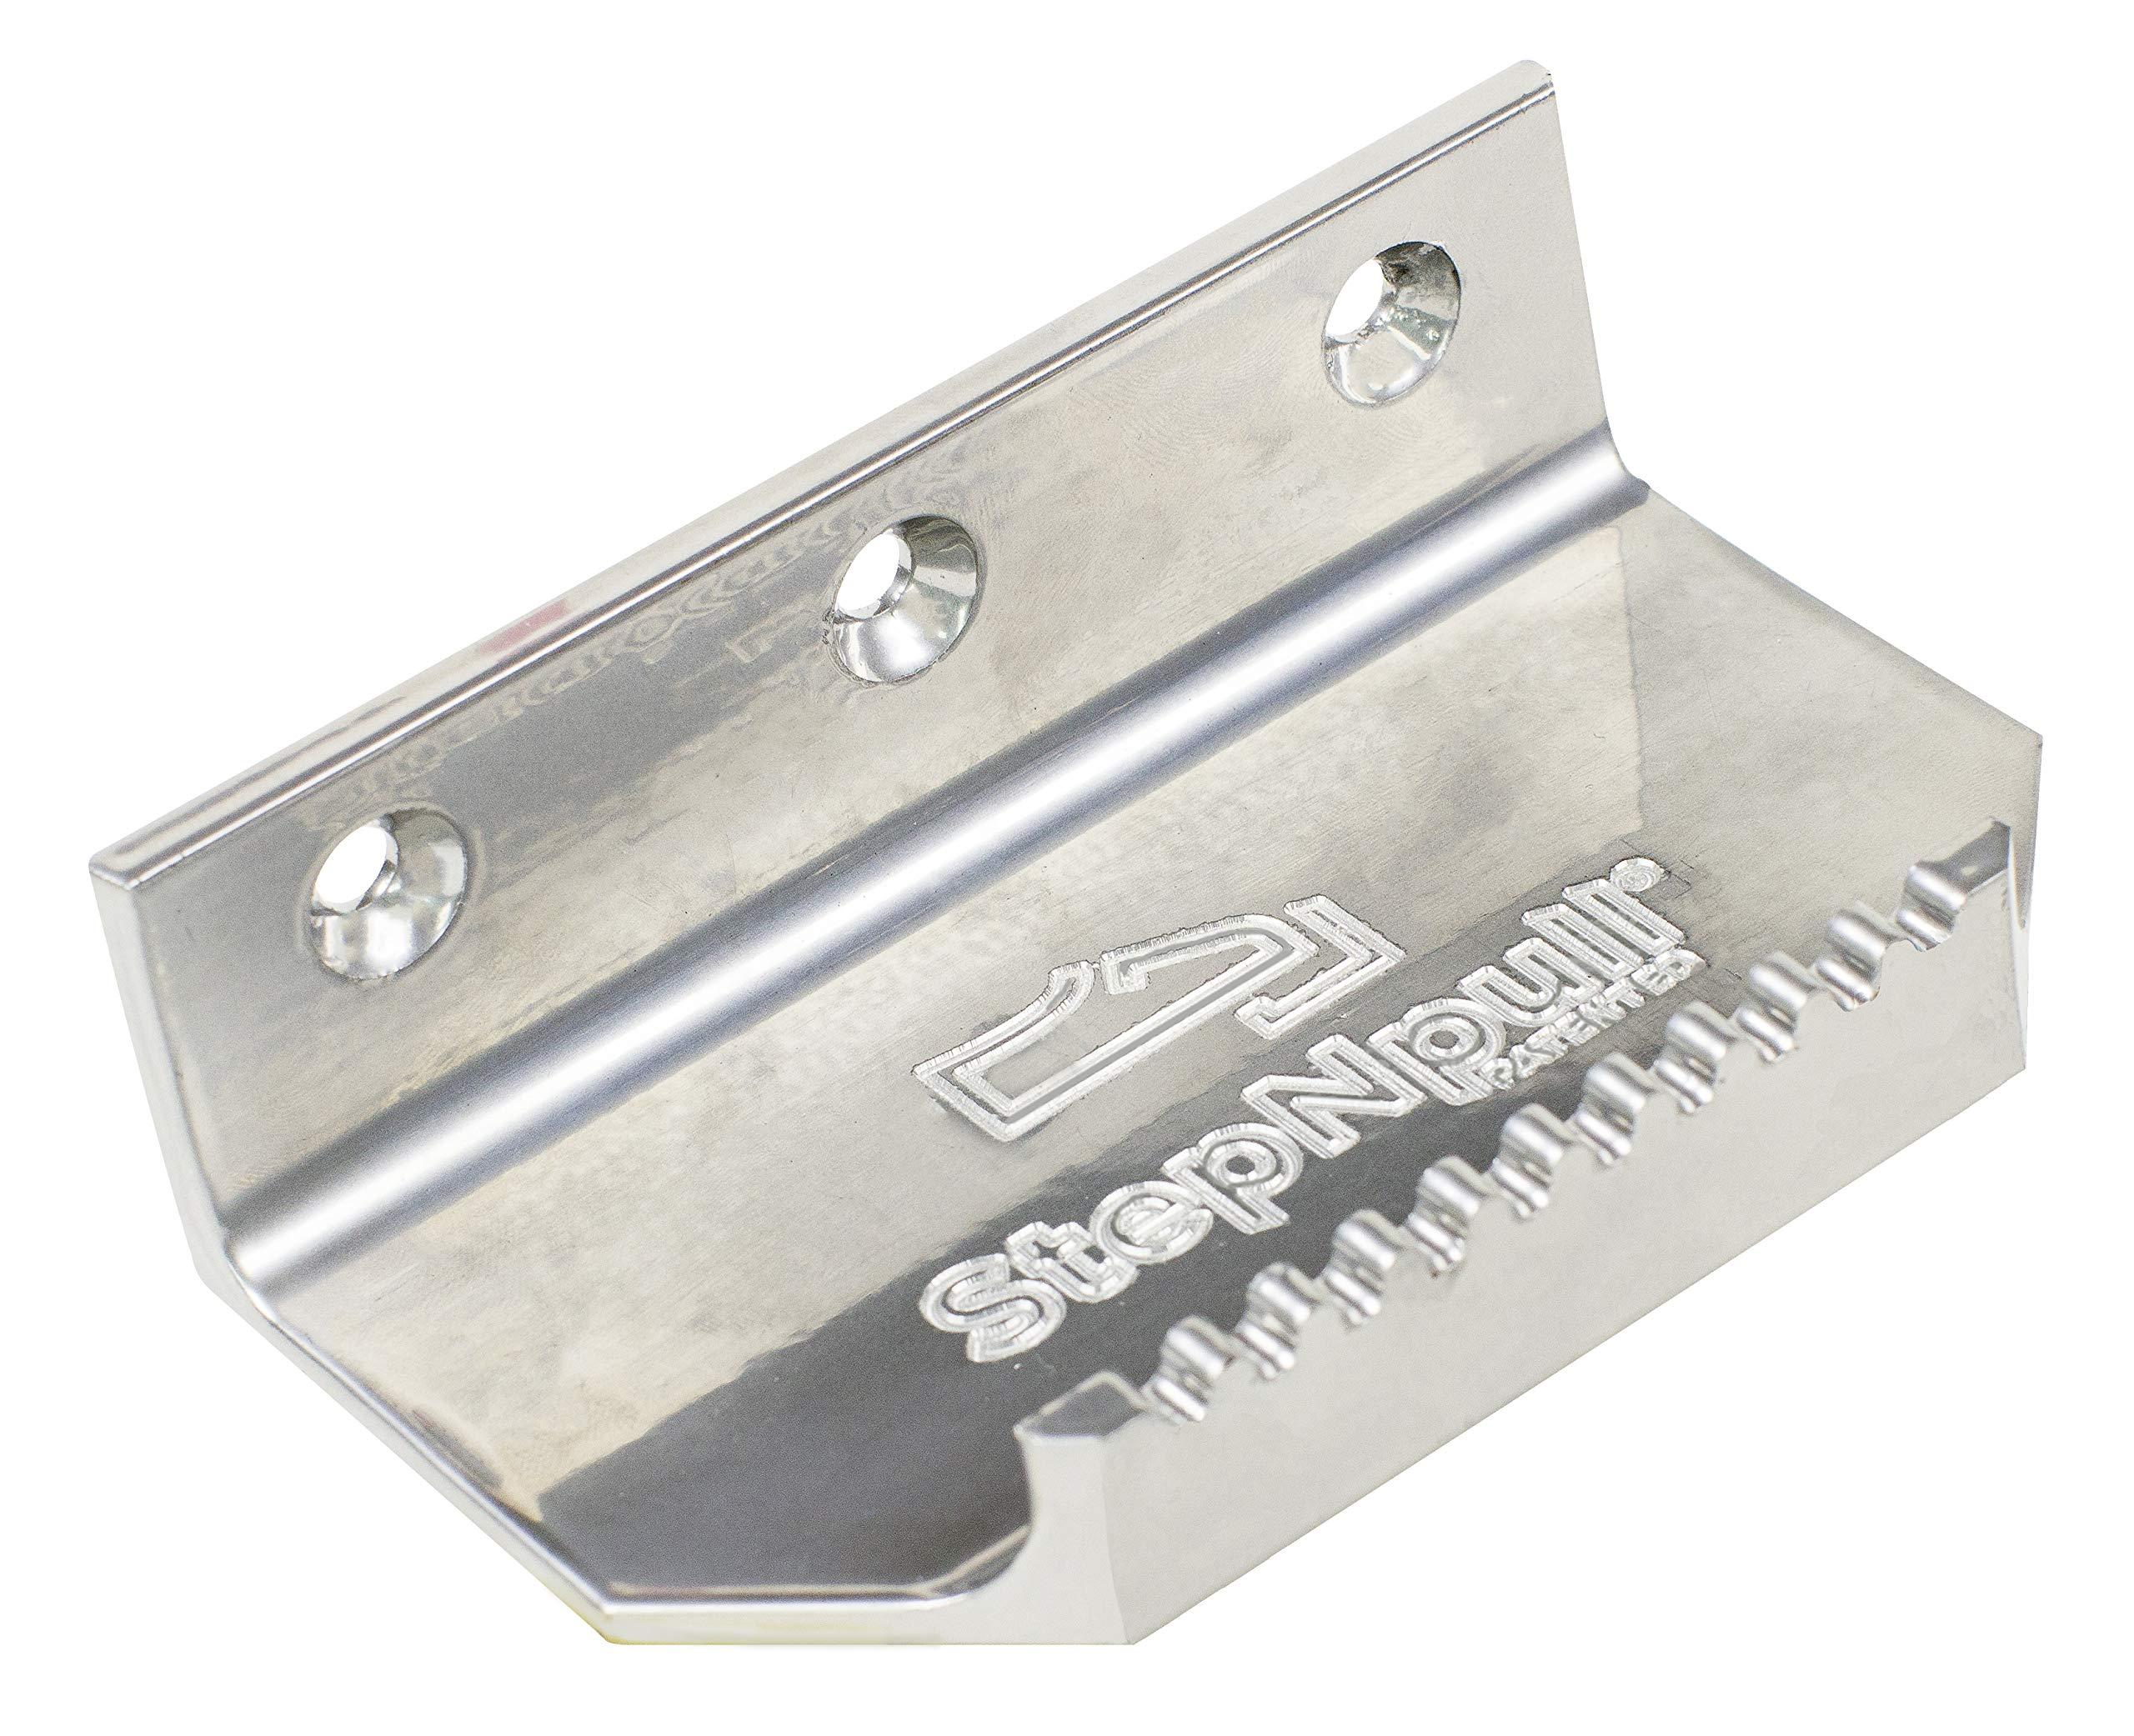 StepNpull Hands Free Door Opener - No Touch Door Foot Pull & Commercial Touchless Door Opener Tools for Bathroom (Silver-1 Piece)